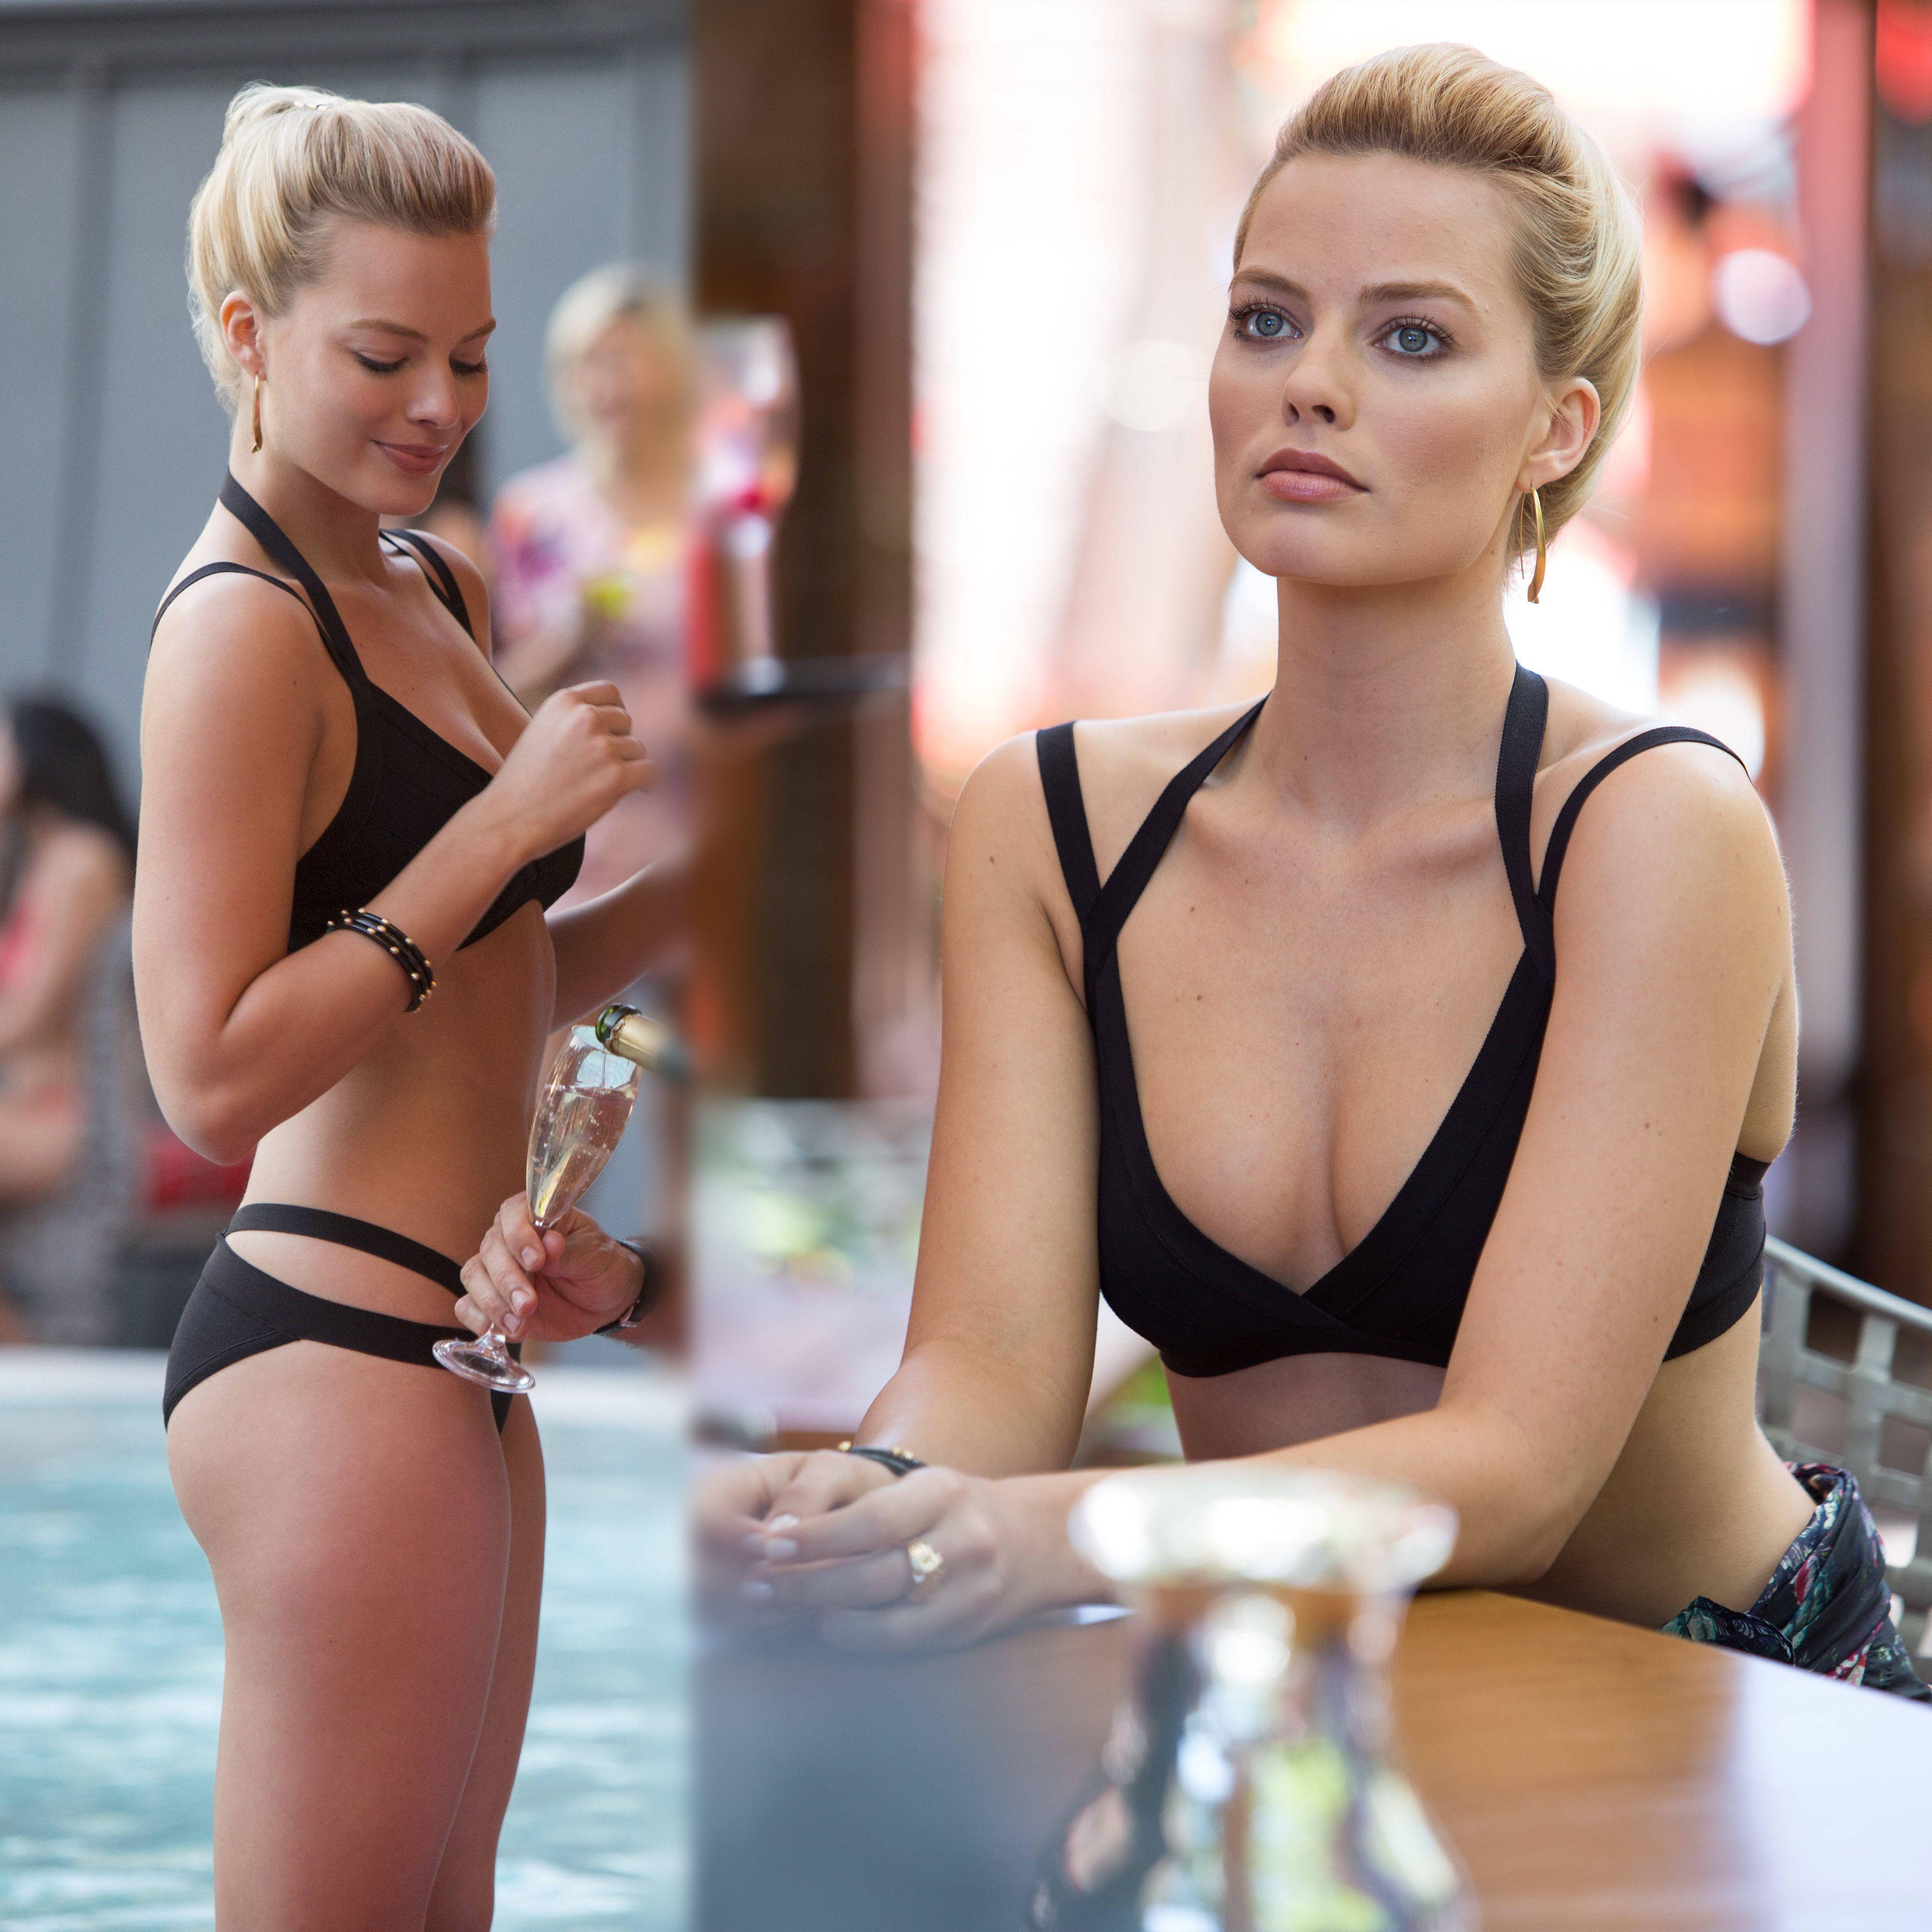 Margot Robbie Margot Robbie Focus Margot Robbie Hot